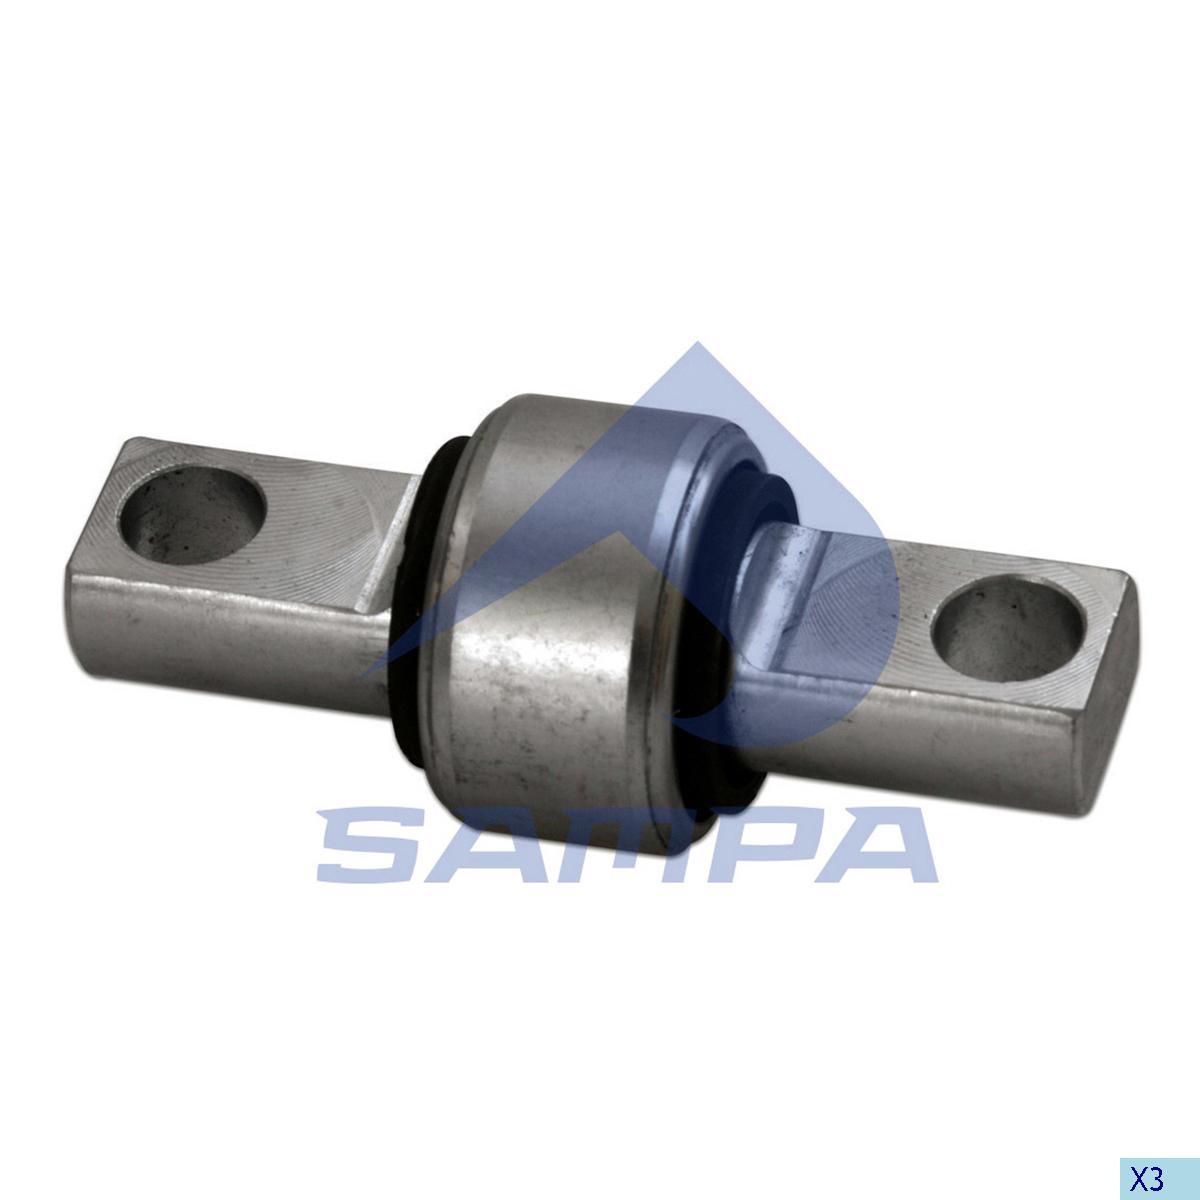 Cuzinet stabilizator MAN 21х125/65х155 photo